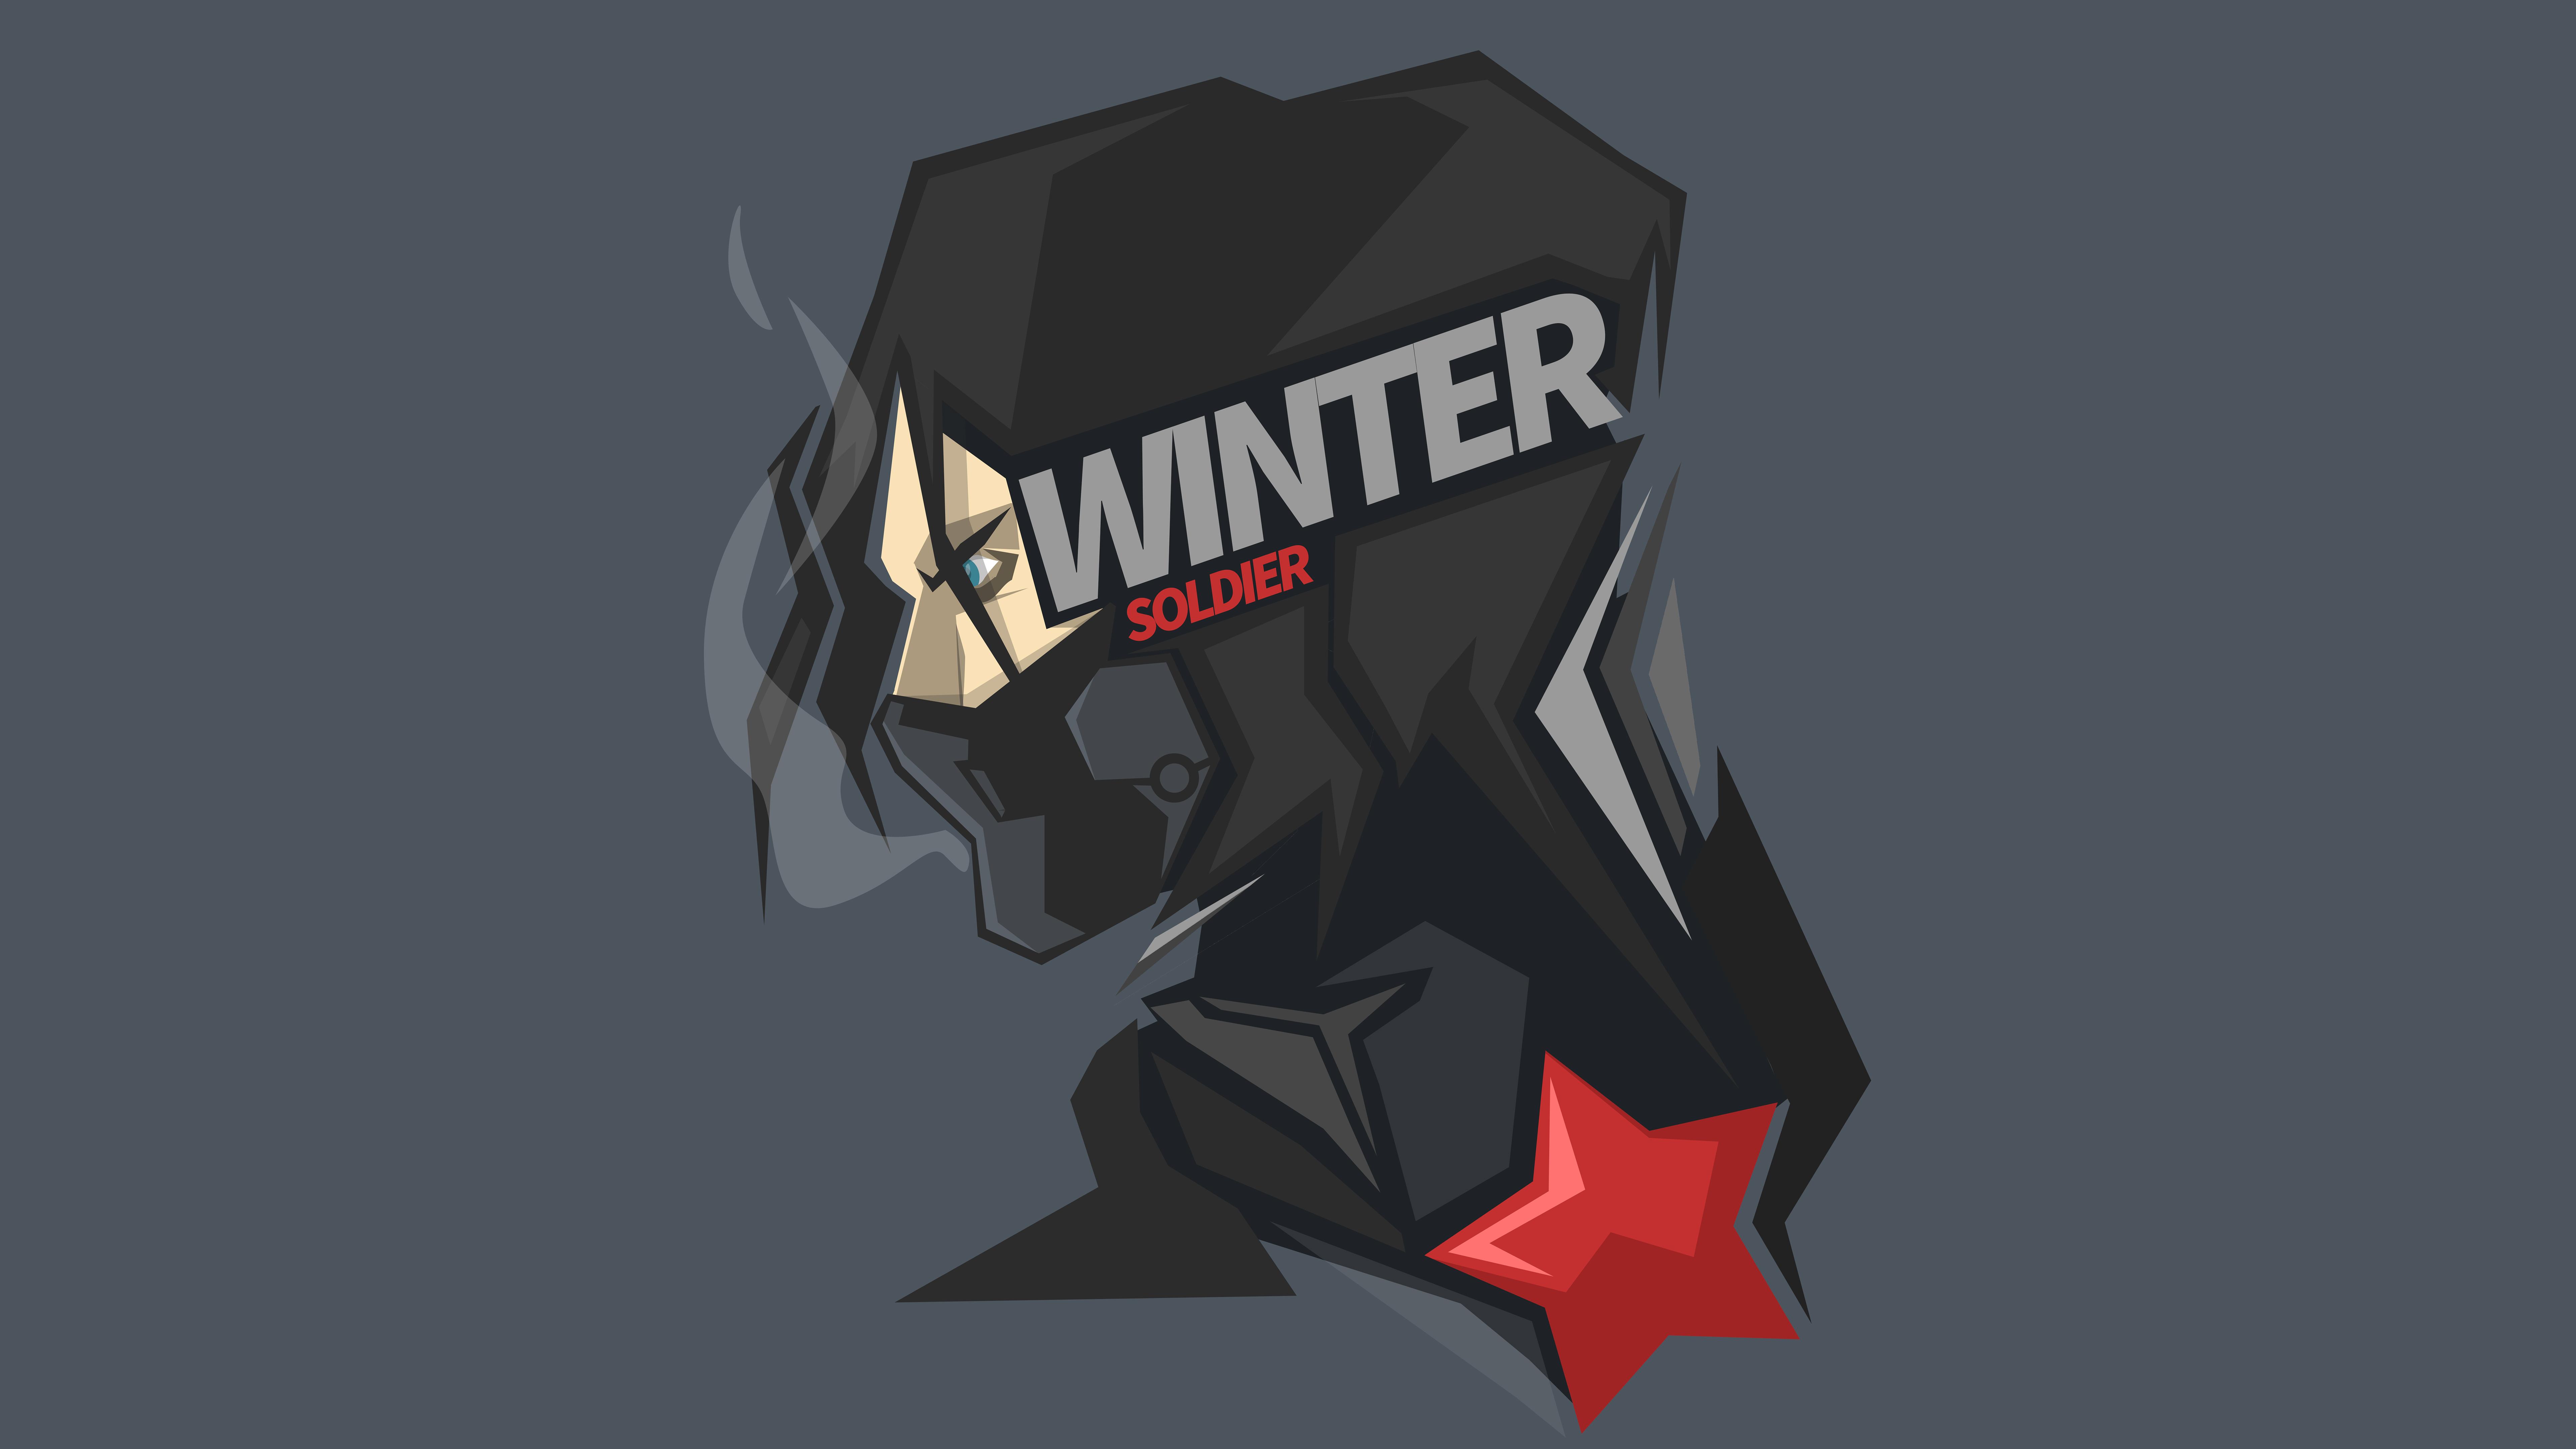 Зимний солдат минимальные произведения искусства обои скачать